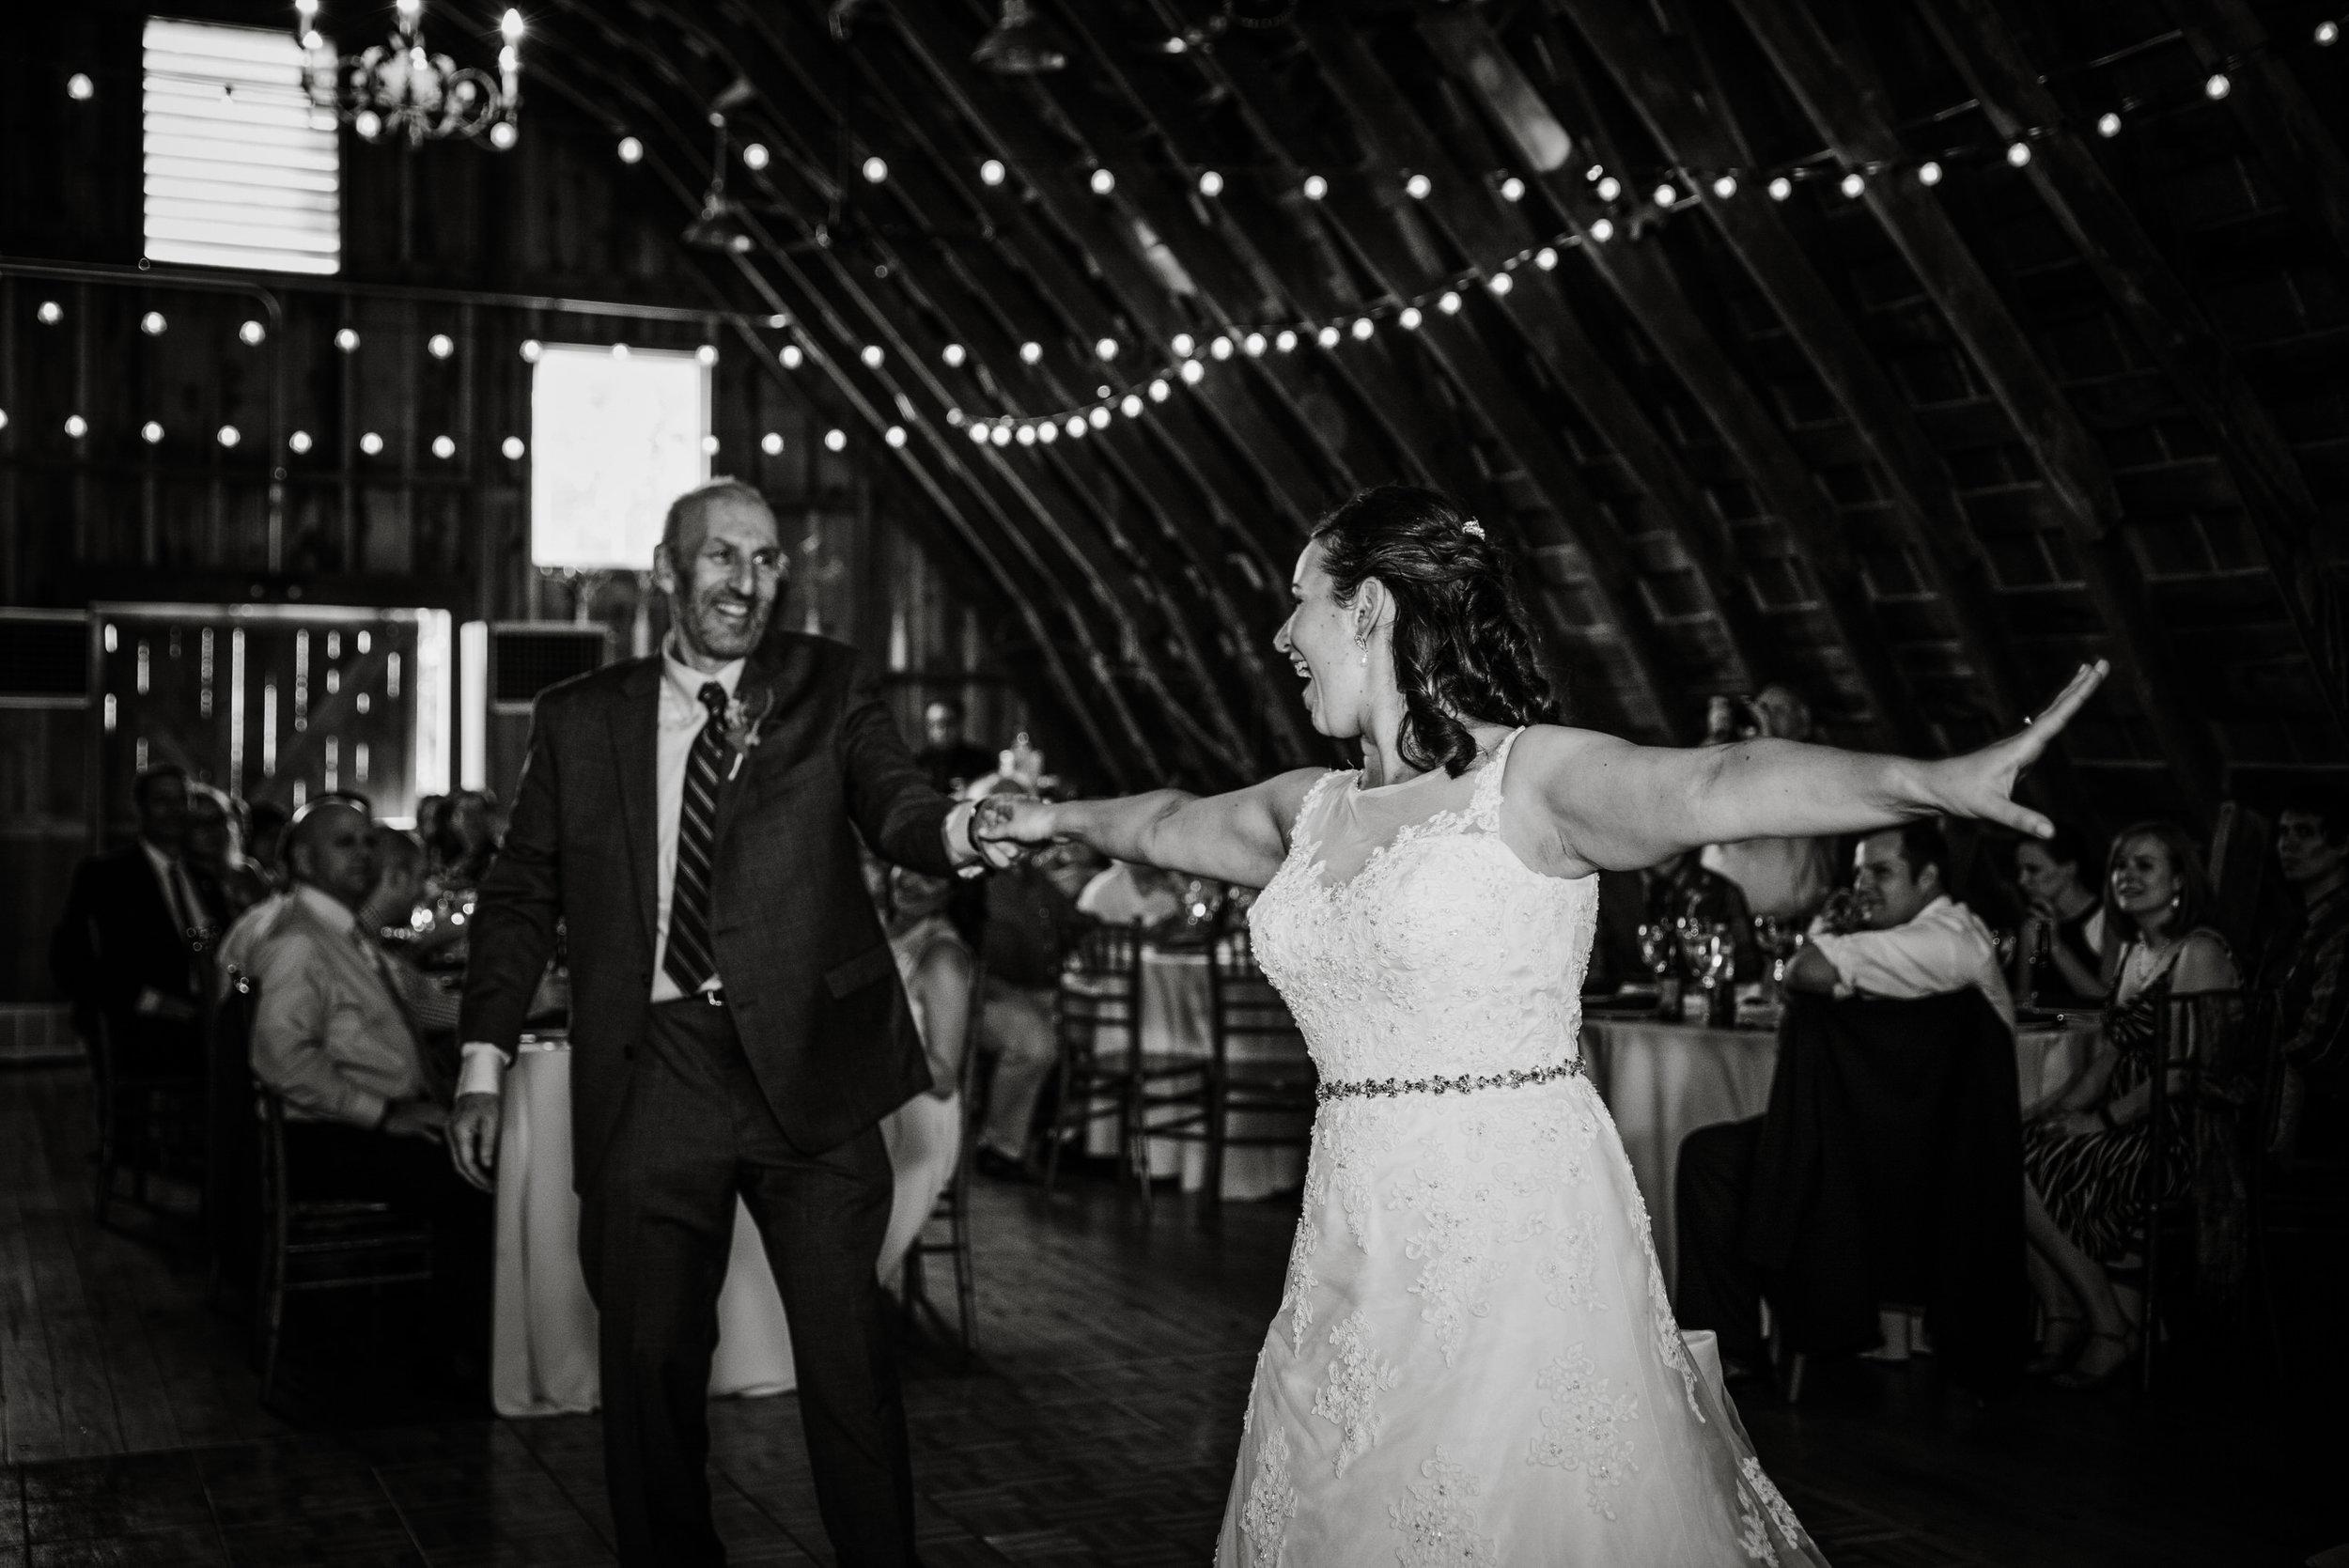 EastLynnFarmWedding-Stephanie&Aaron-Reception-80.jpg